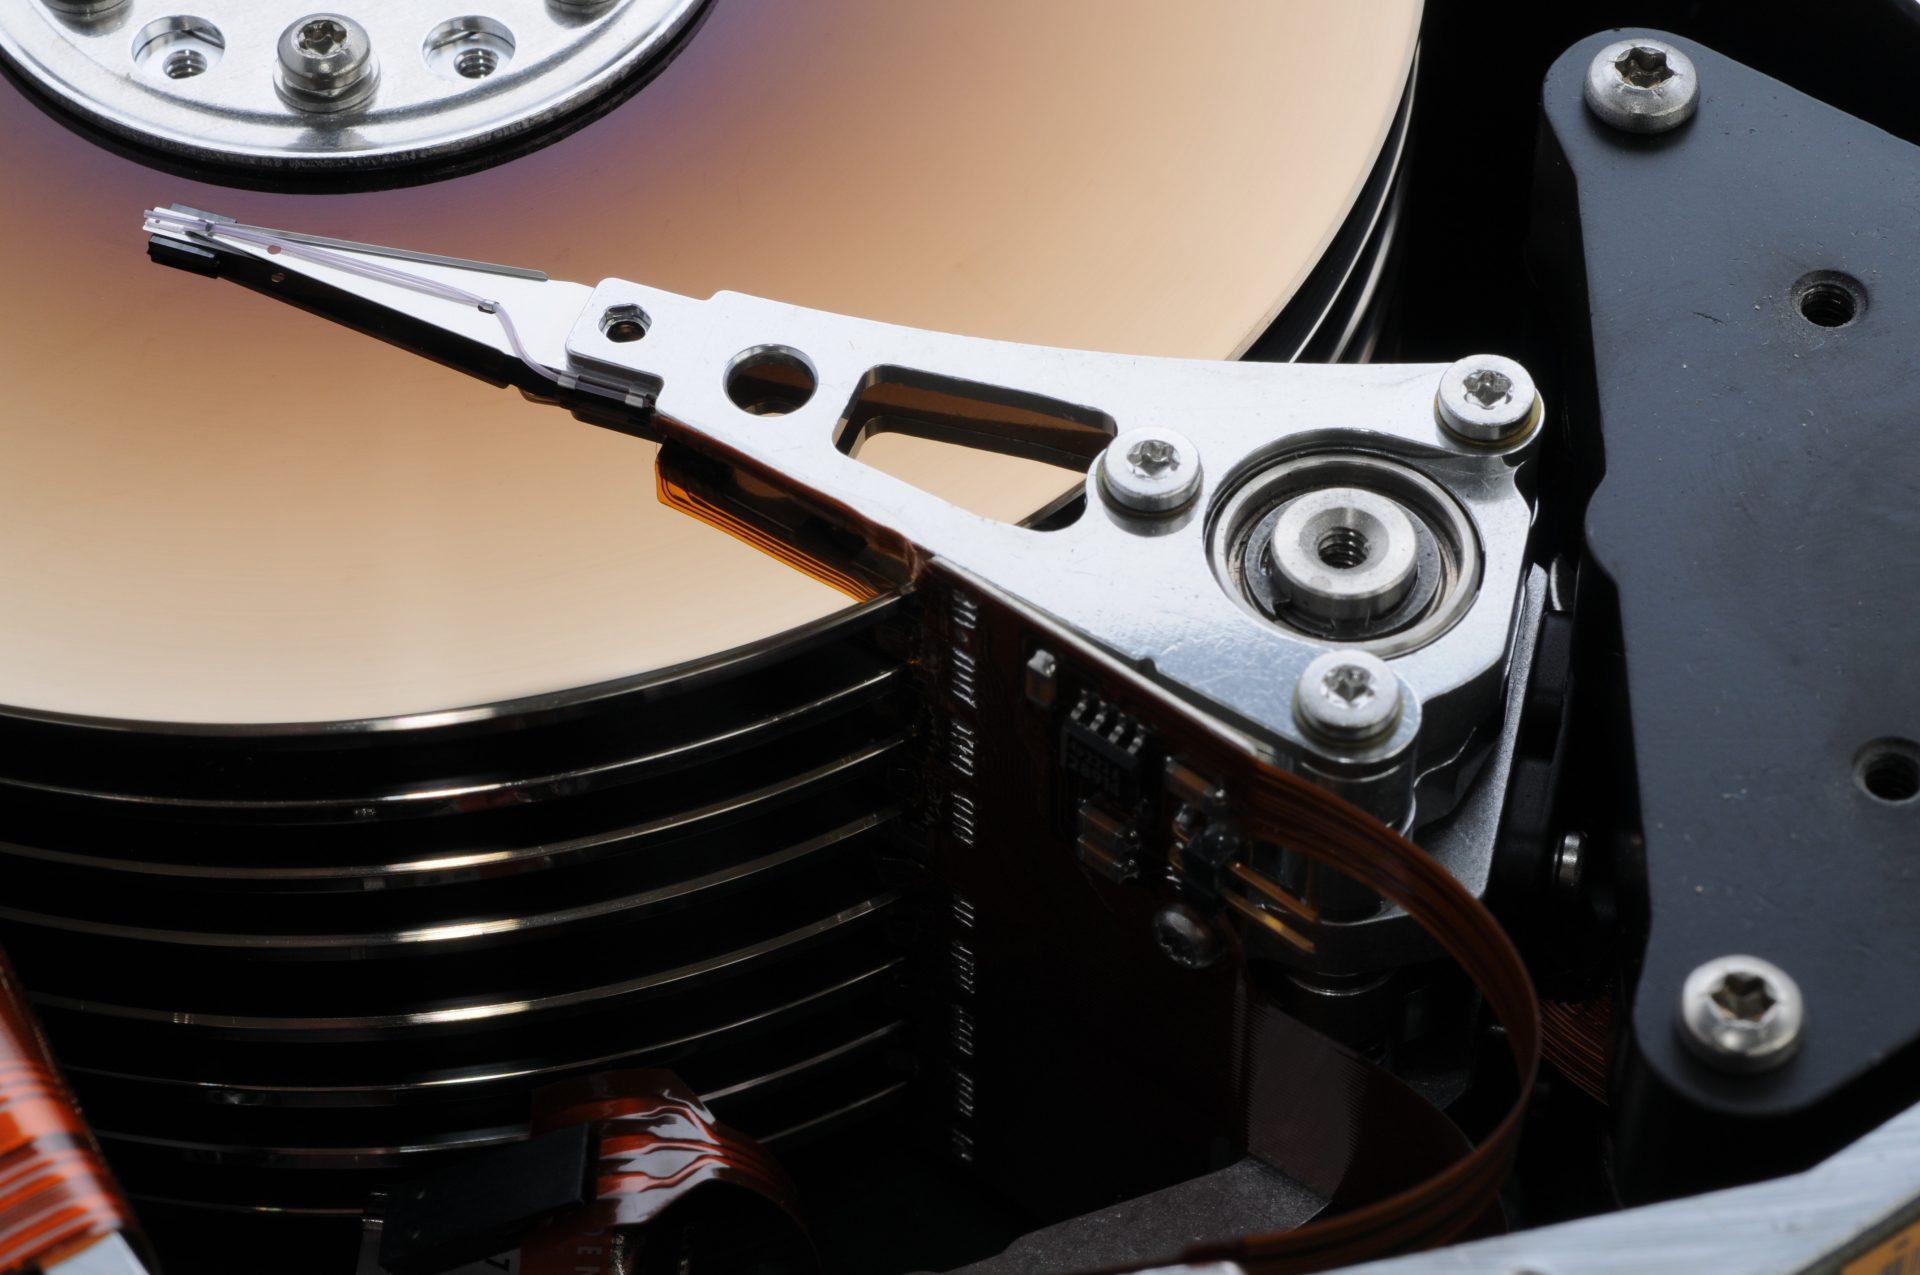 Serman supera el fallo de los discos duros Fujitsu MPG